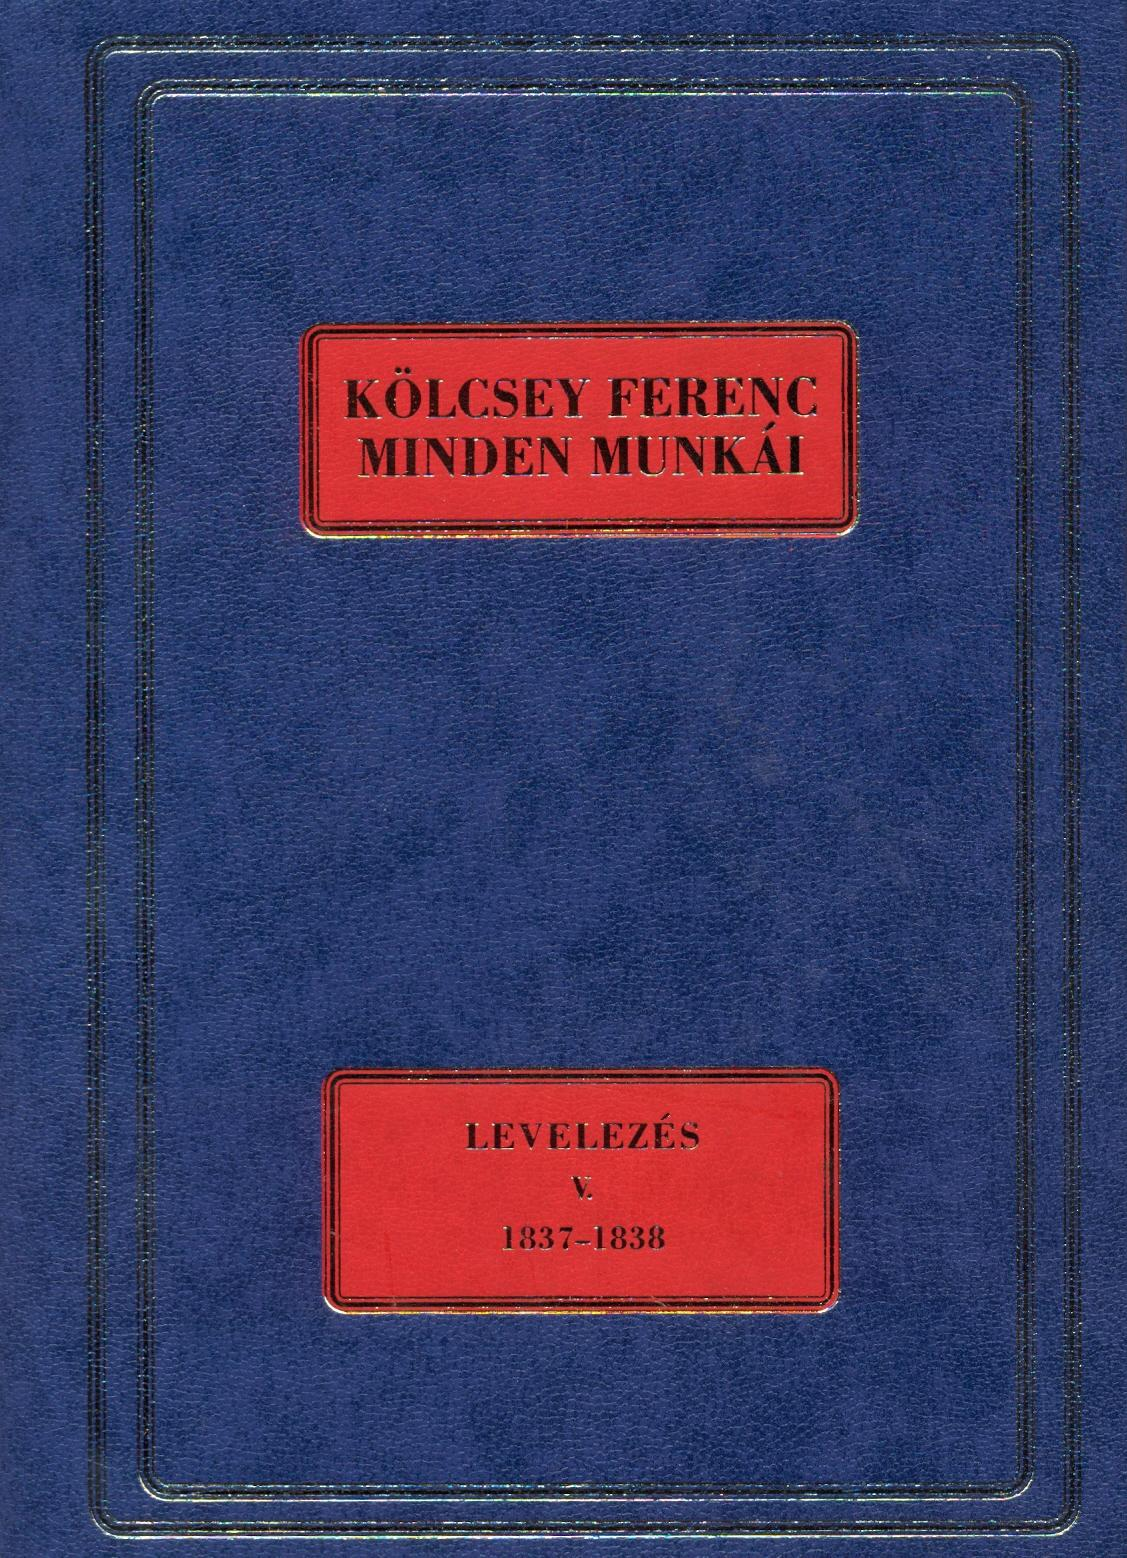 KÖLCSEY FERENC MINDEN MUNKÁI - LEVELEZÉS V. 1837-1838